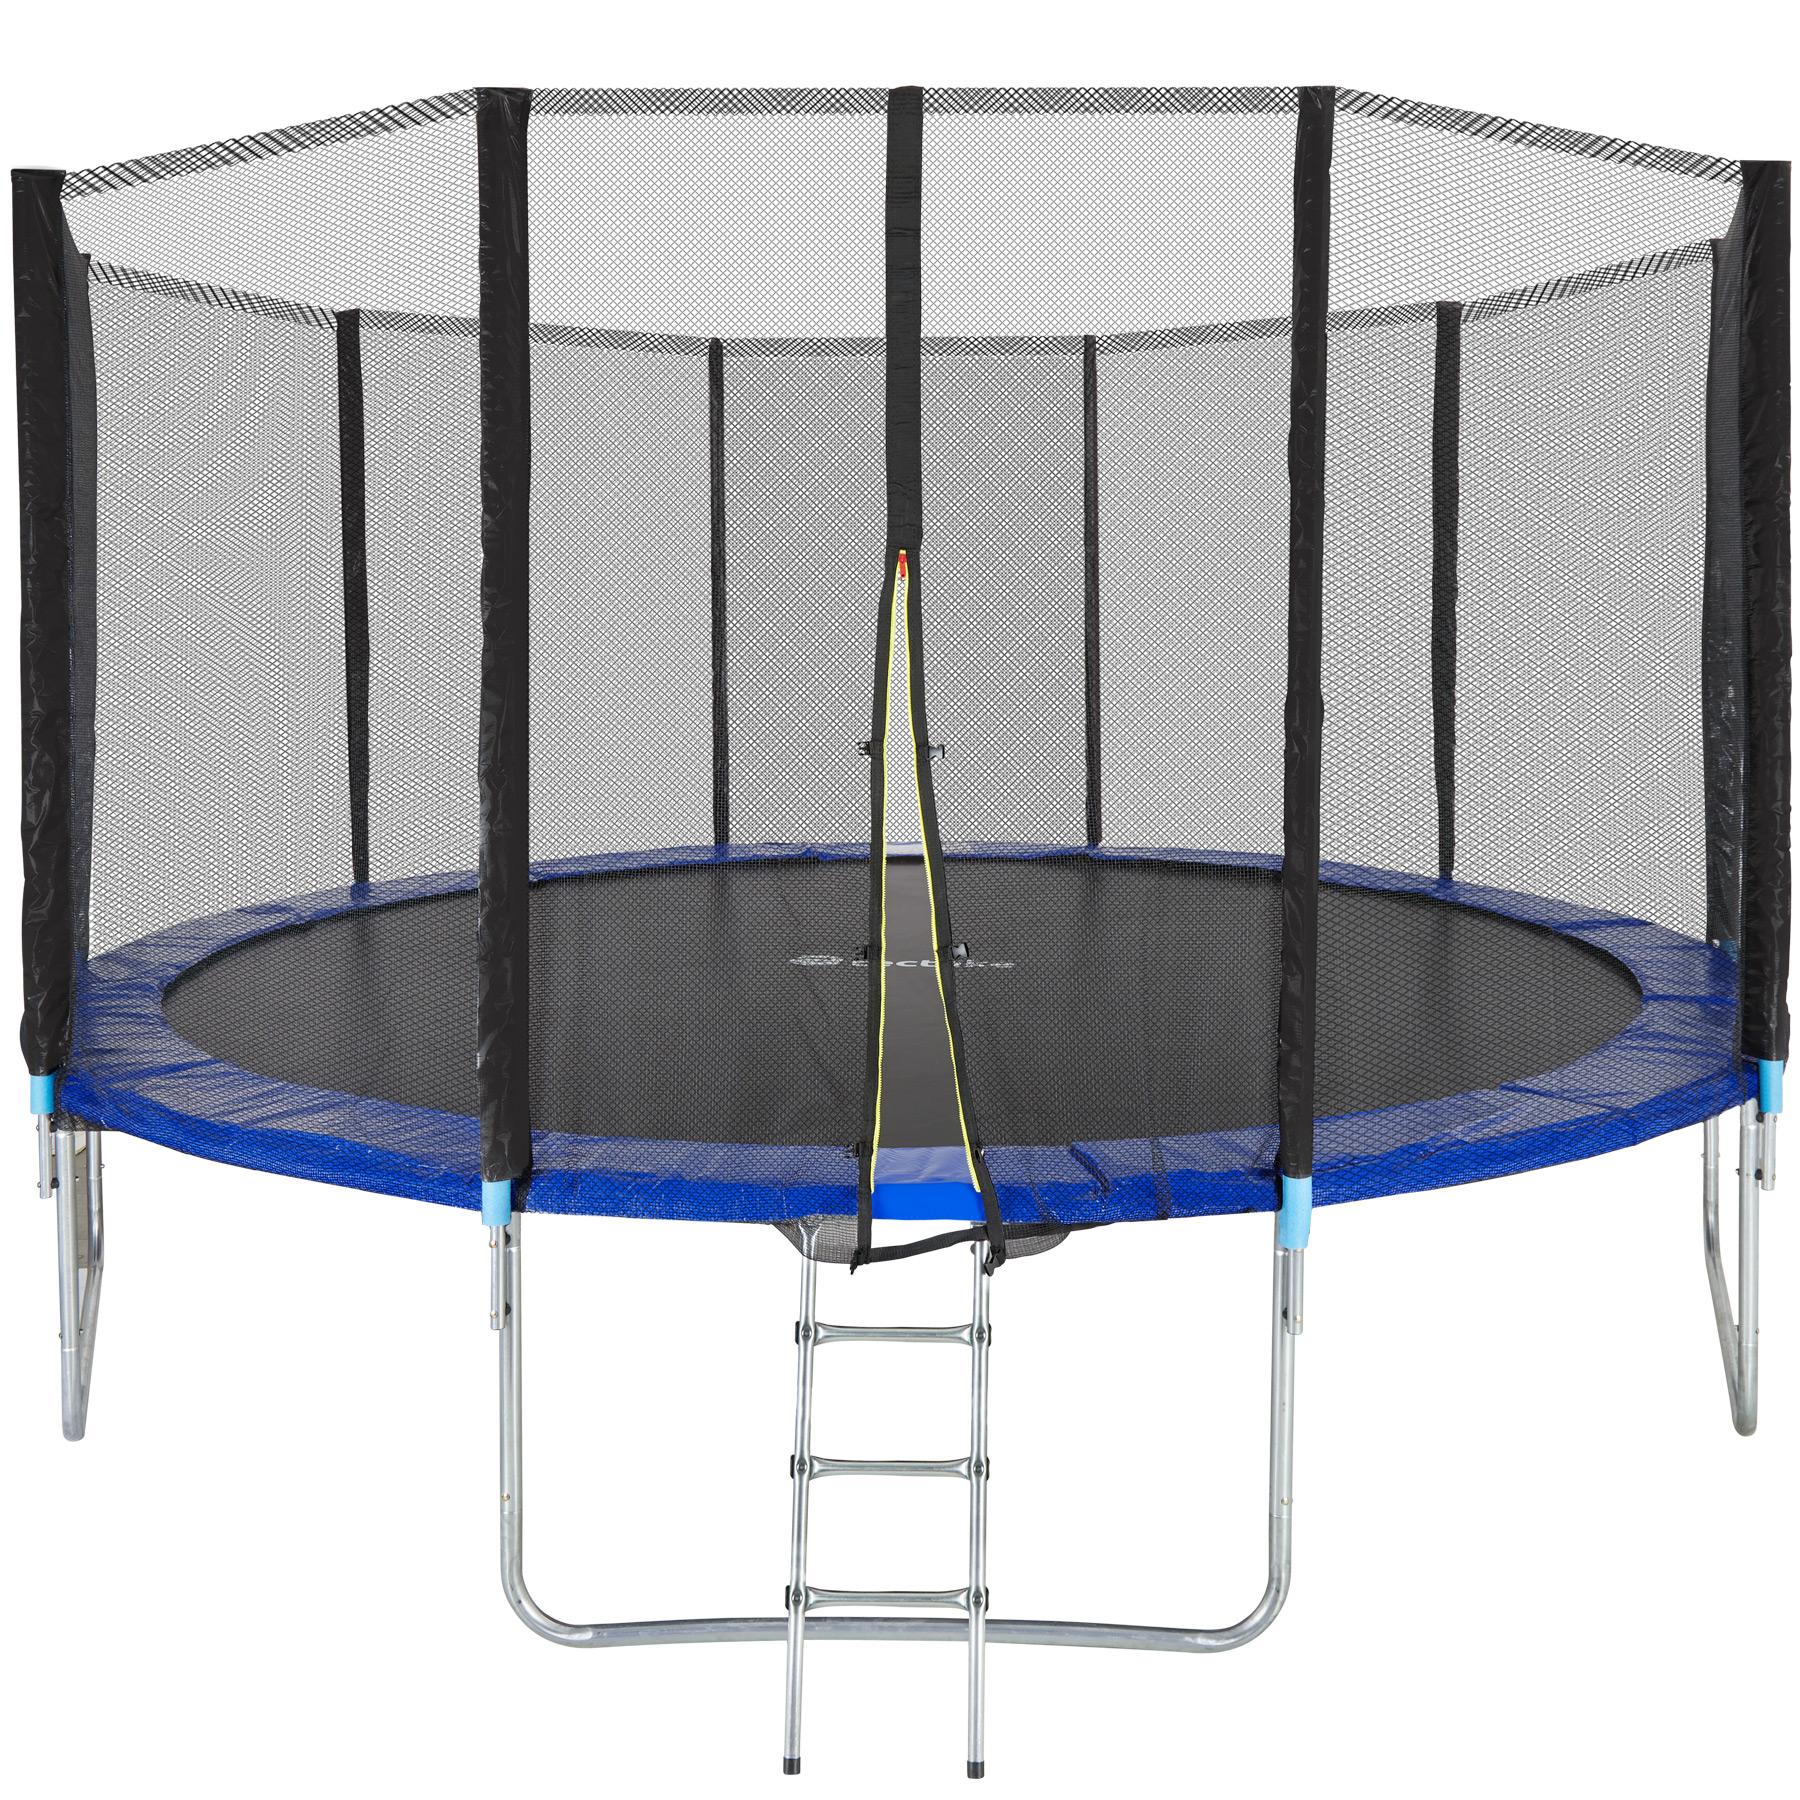 Trampolin Garfunky 457 cm günstig online kaufen